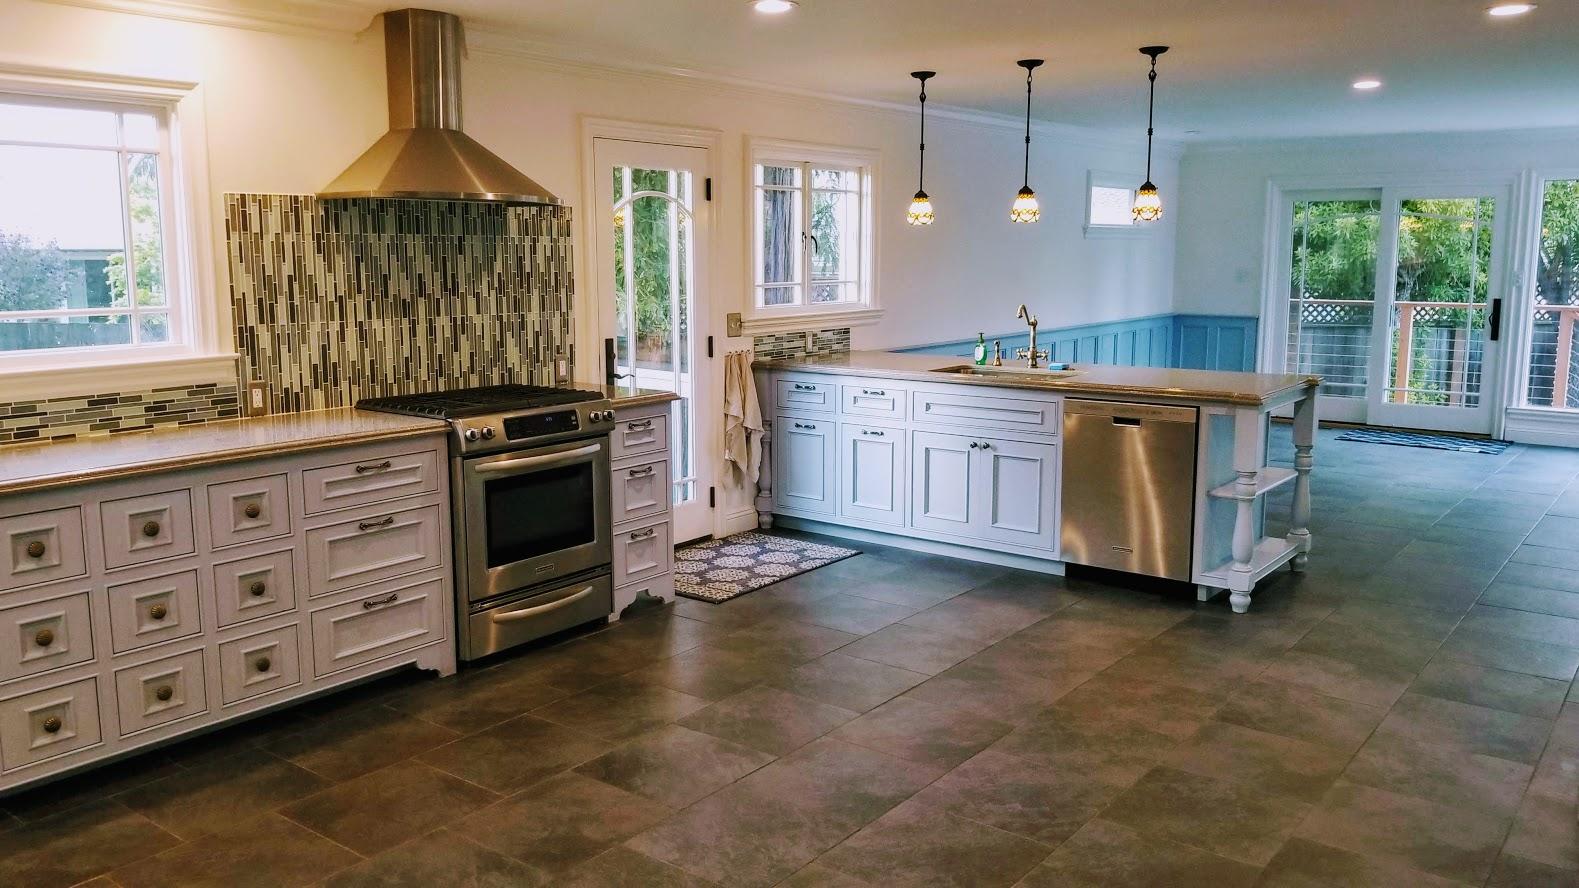 clfford pic kitchen 1.jpg